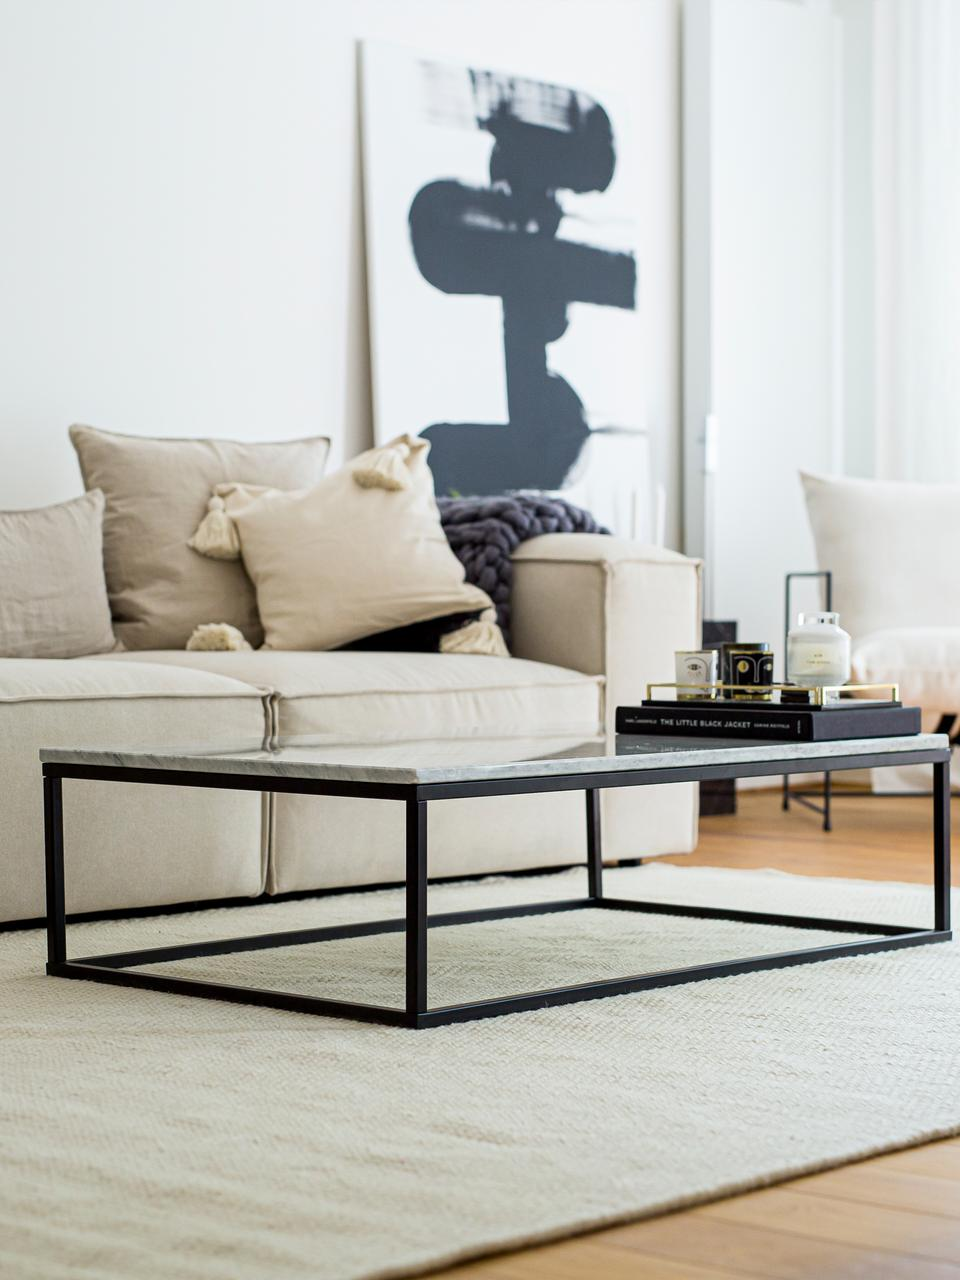 Marmor-Couchtisch Alys, Tischplatte: Marmor, Gestell: Metall, pulverbeschichtet, Weisser Marmor, Schwarz, 120 x 35 cm